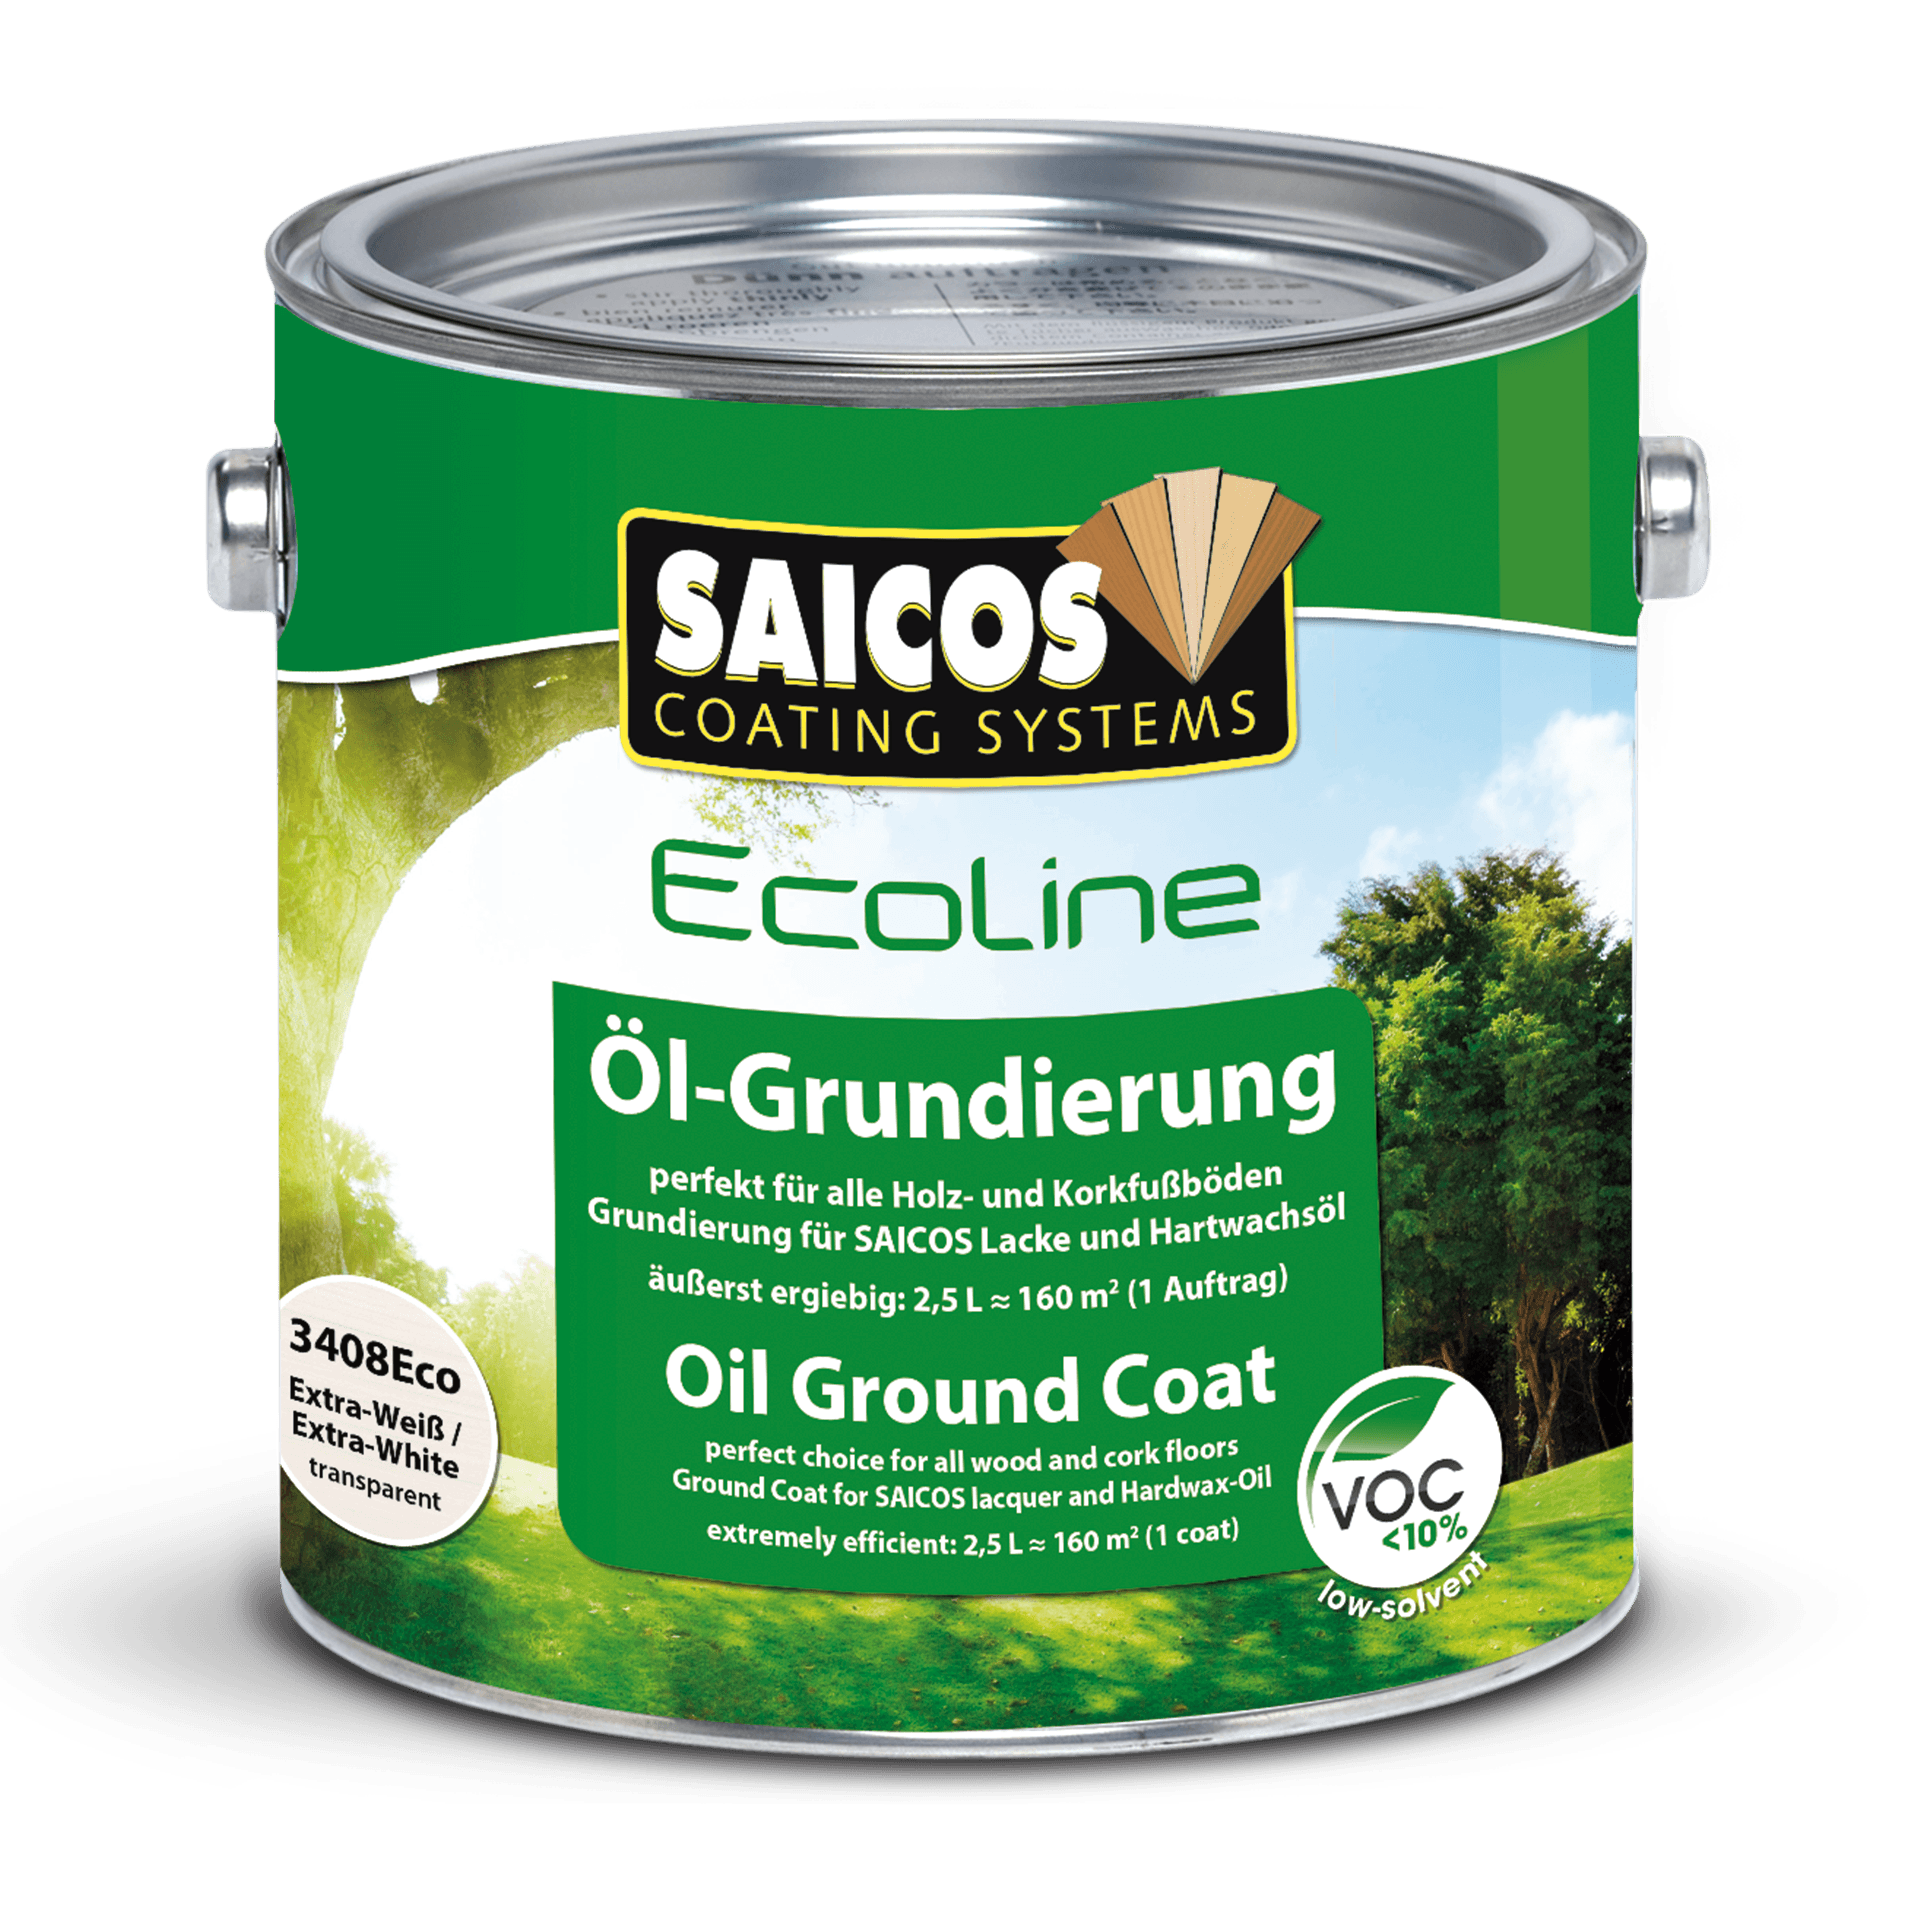 Saicos Ecoline Hartwachsöl ökologisch umweltfreundlich